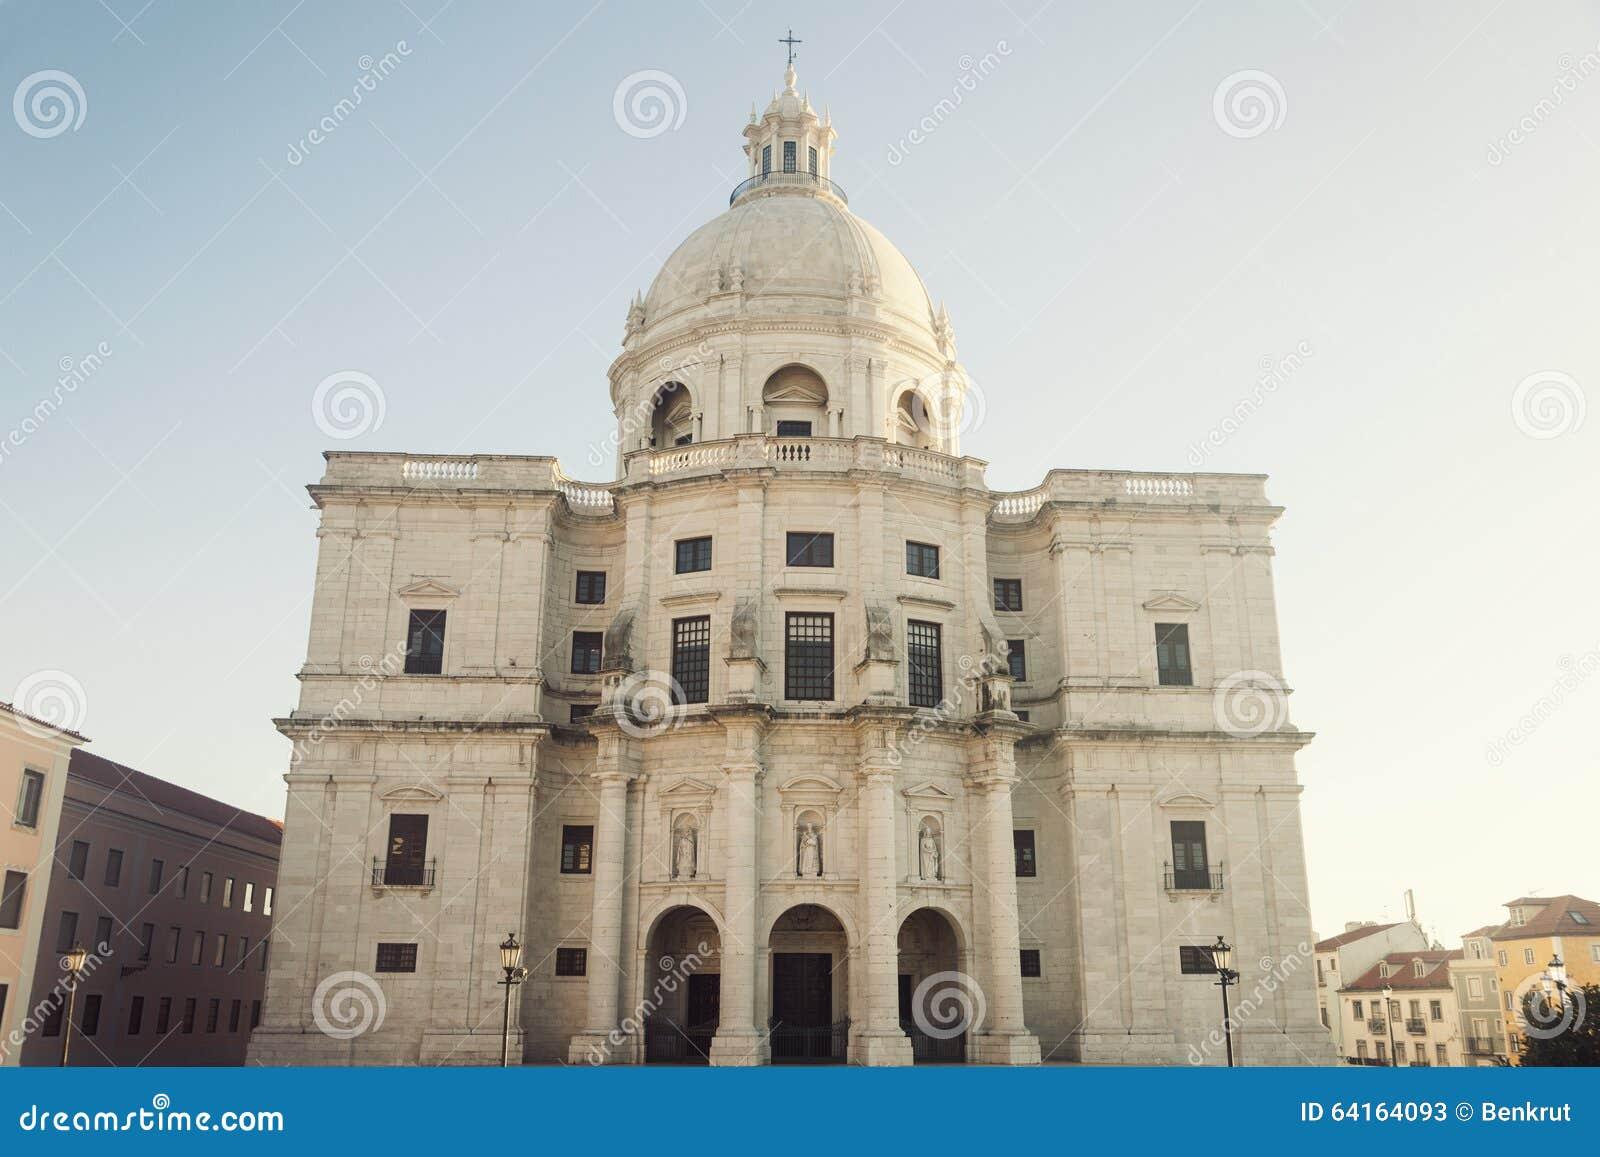 Panteón Nacional - Iglesia De Santa Engracia En Lisboa Foto de archivo - Imag...